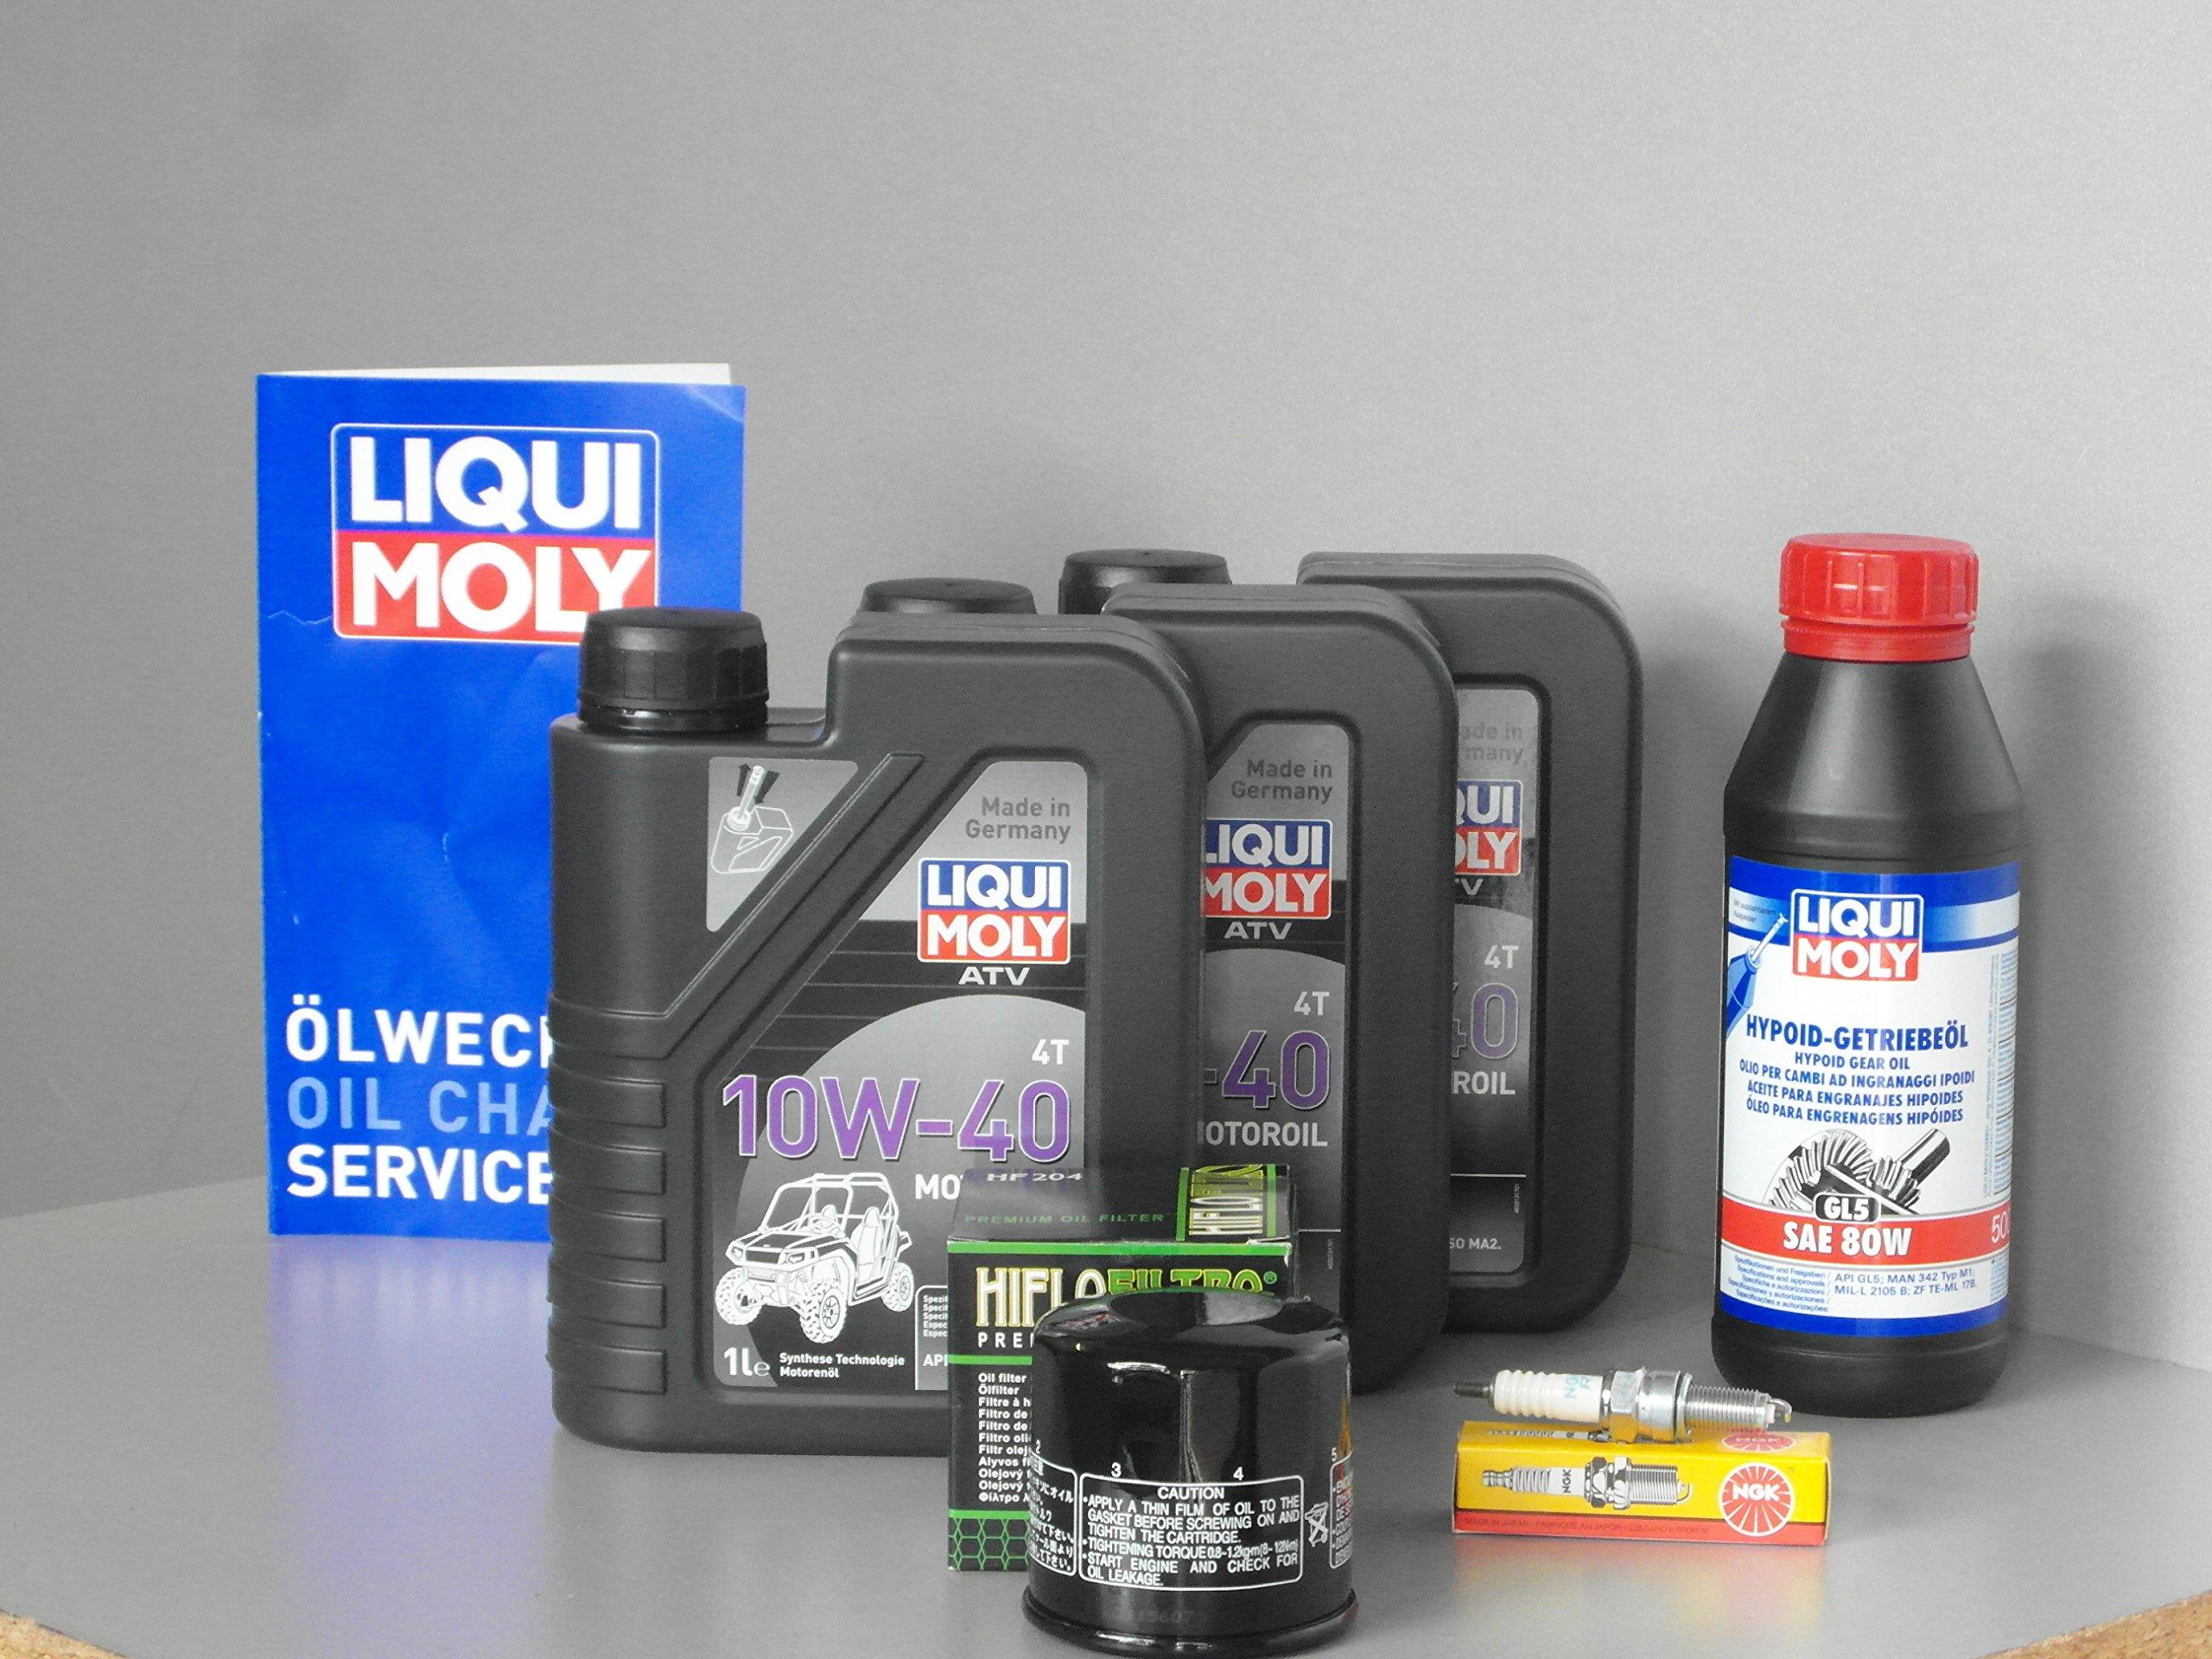 Mantenimiento y Service Set para quad Yamaha YFM 700 Grizzly aceite filtro zündk: Amazon.es: Coche y moto